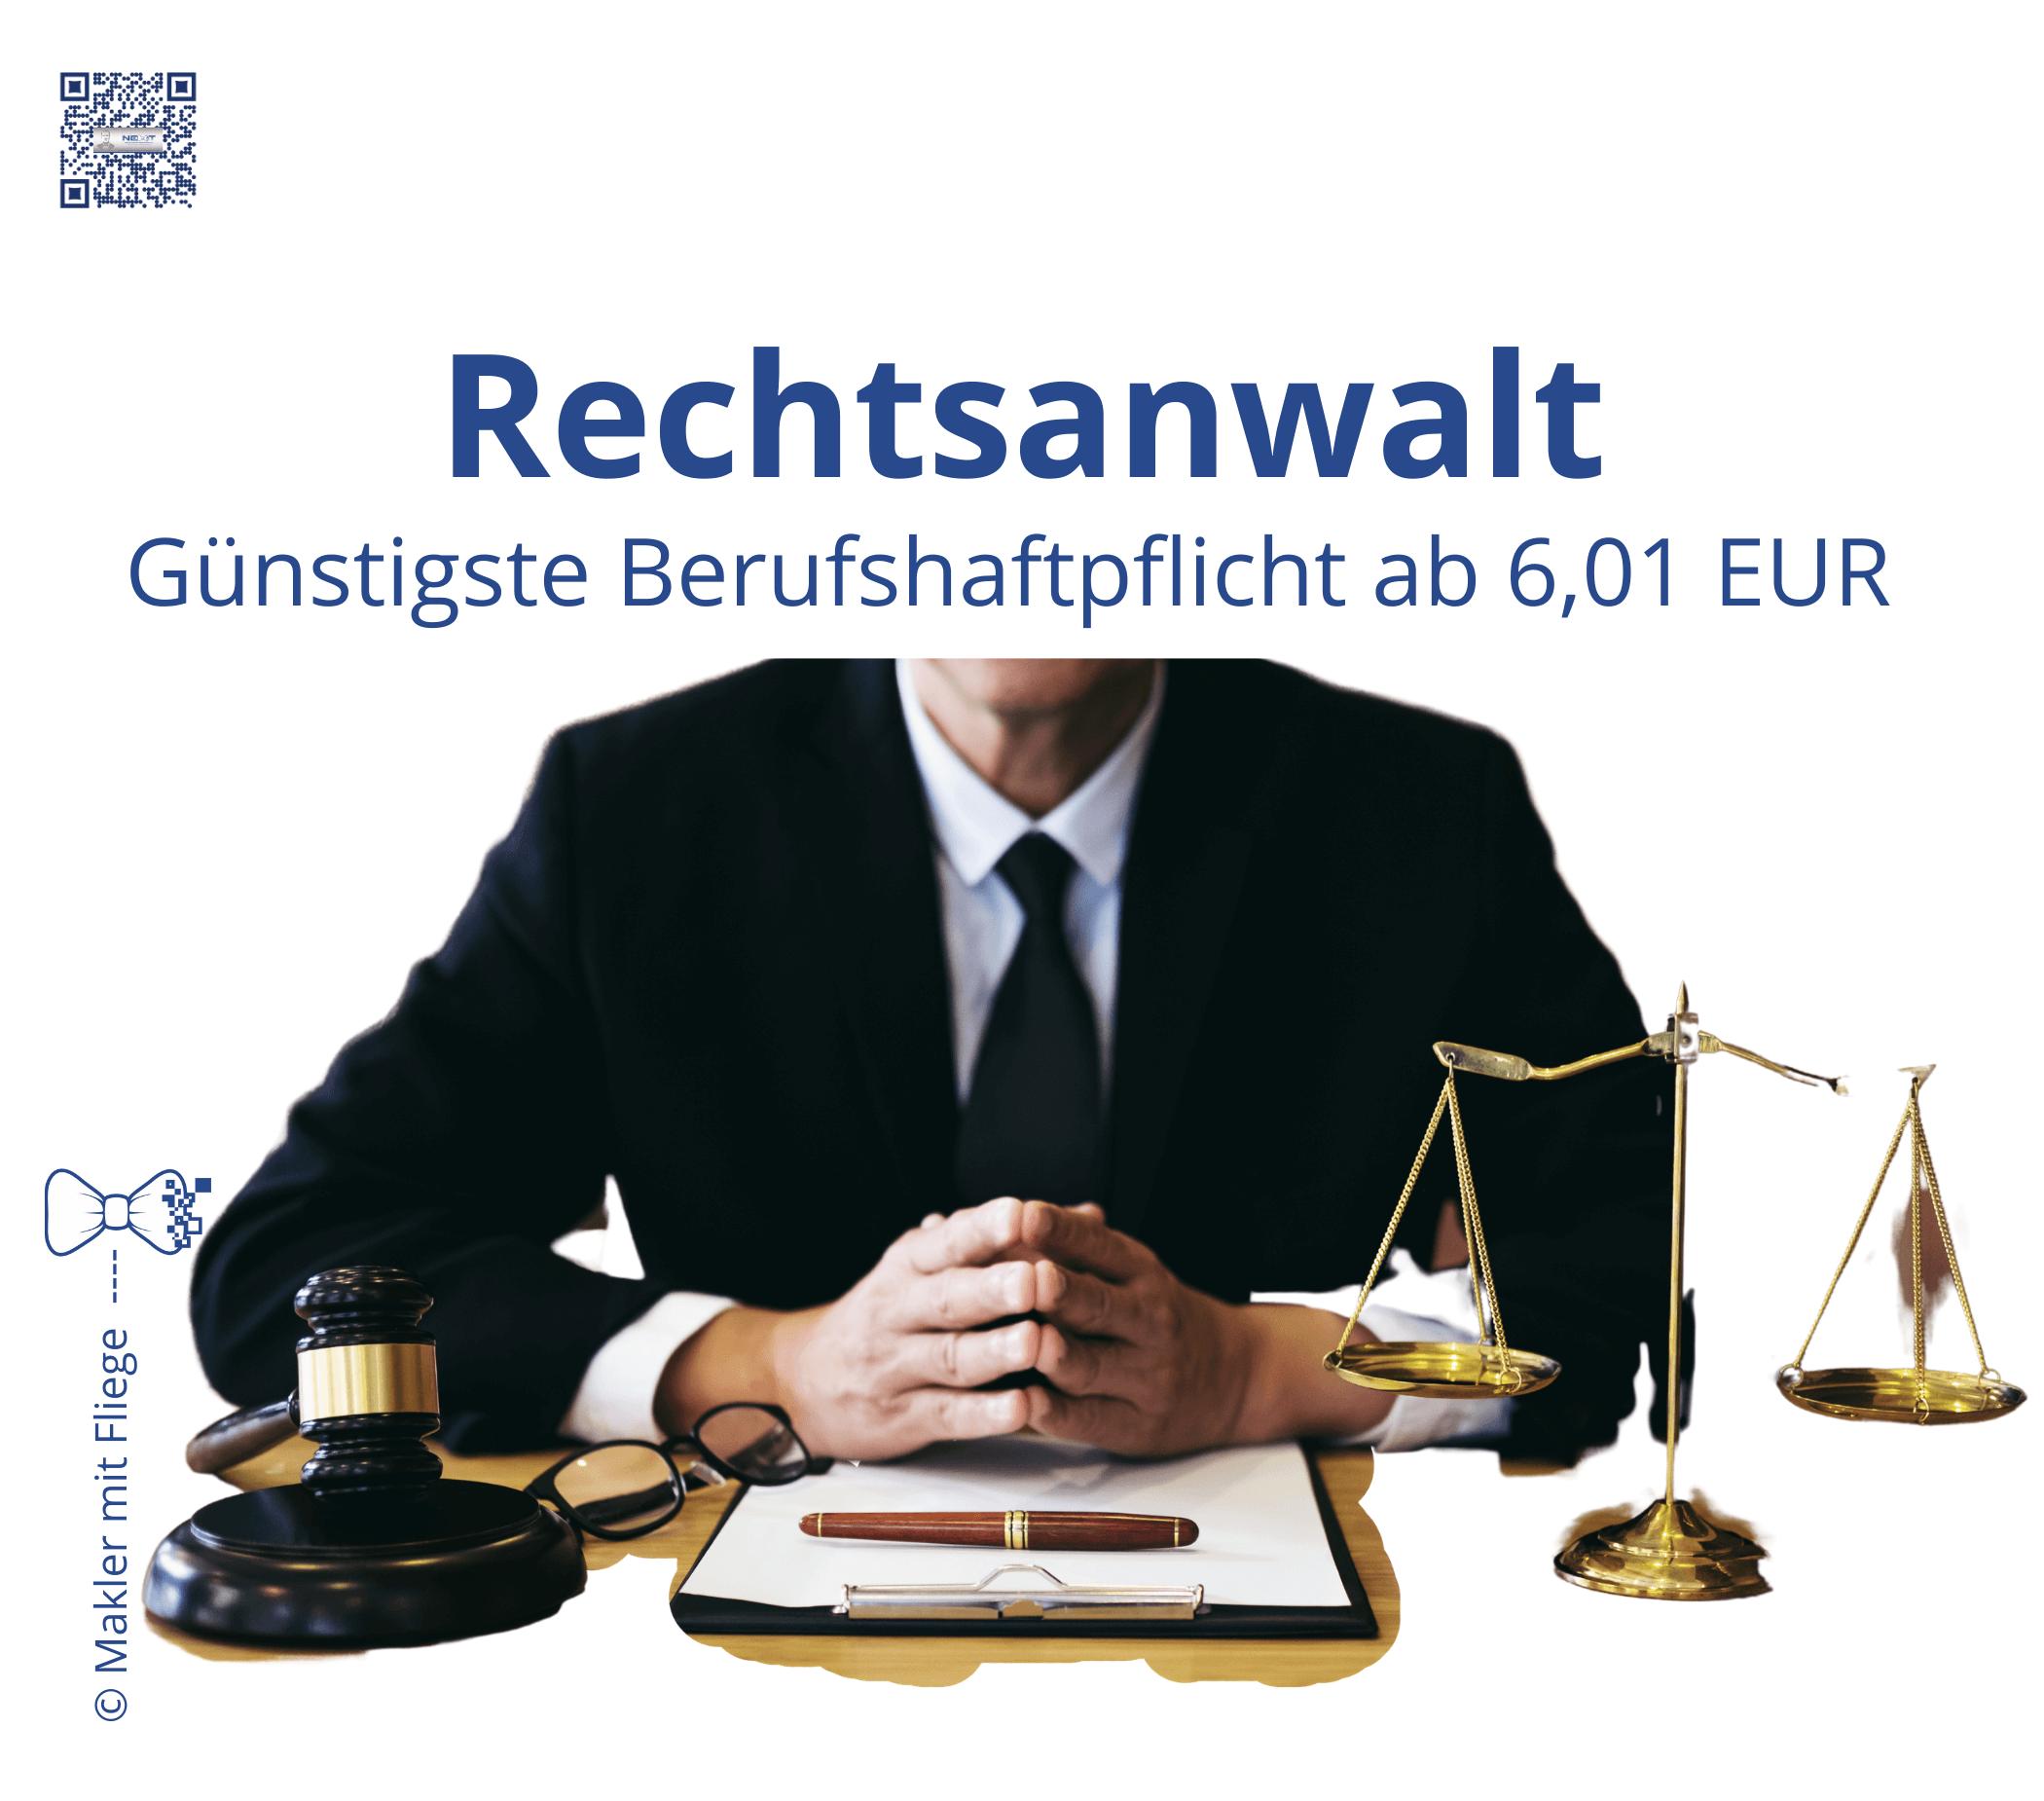 Rechtsanwälte in der Selbstständigkeit benötigen Ihren Vermögensschaden Absicherung. Hier gibt es den günstigsten Einstieg, um sich auf die Mandanten zu konzentrieren.